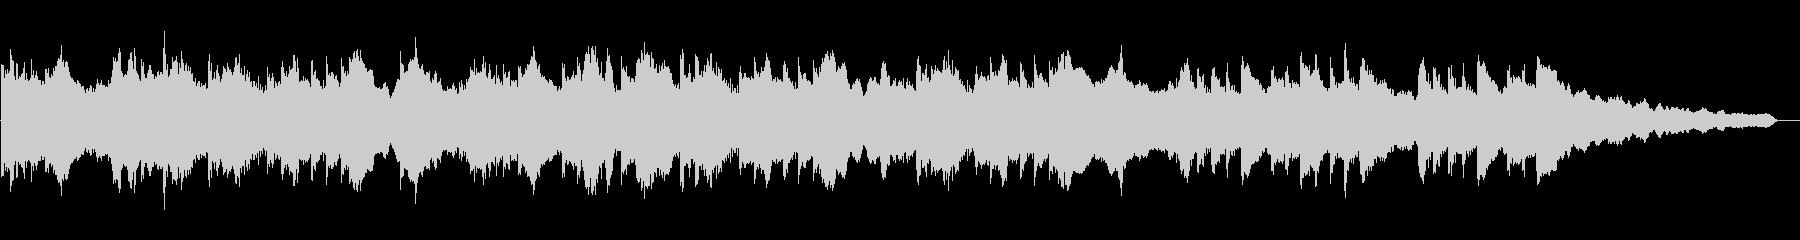 和風な旋律のゆったりとしたBGMの未再生の波形